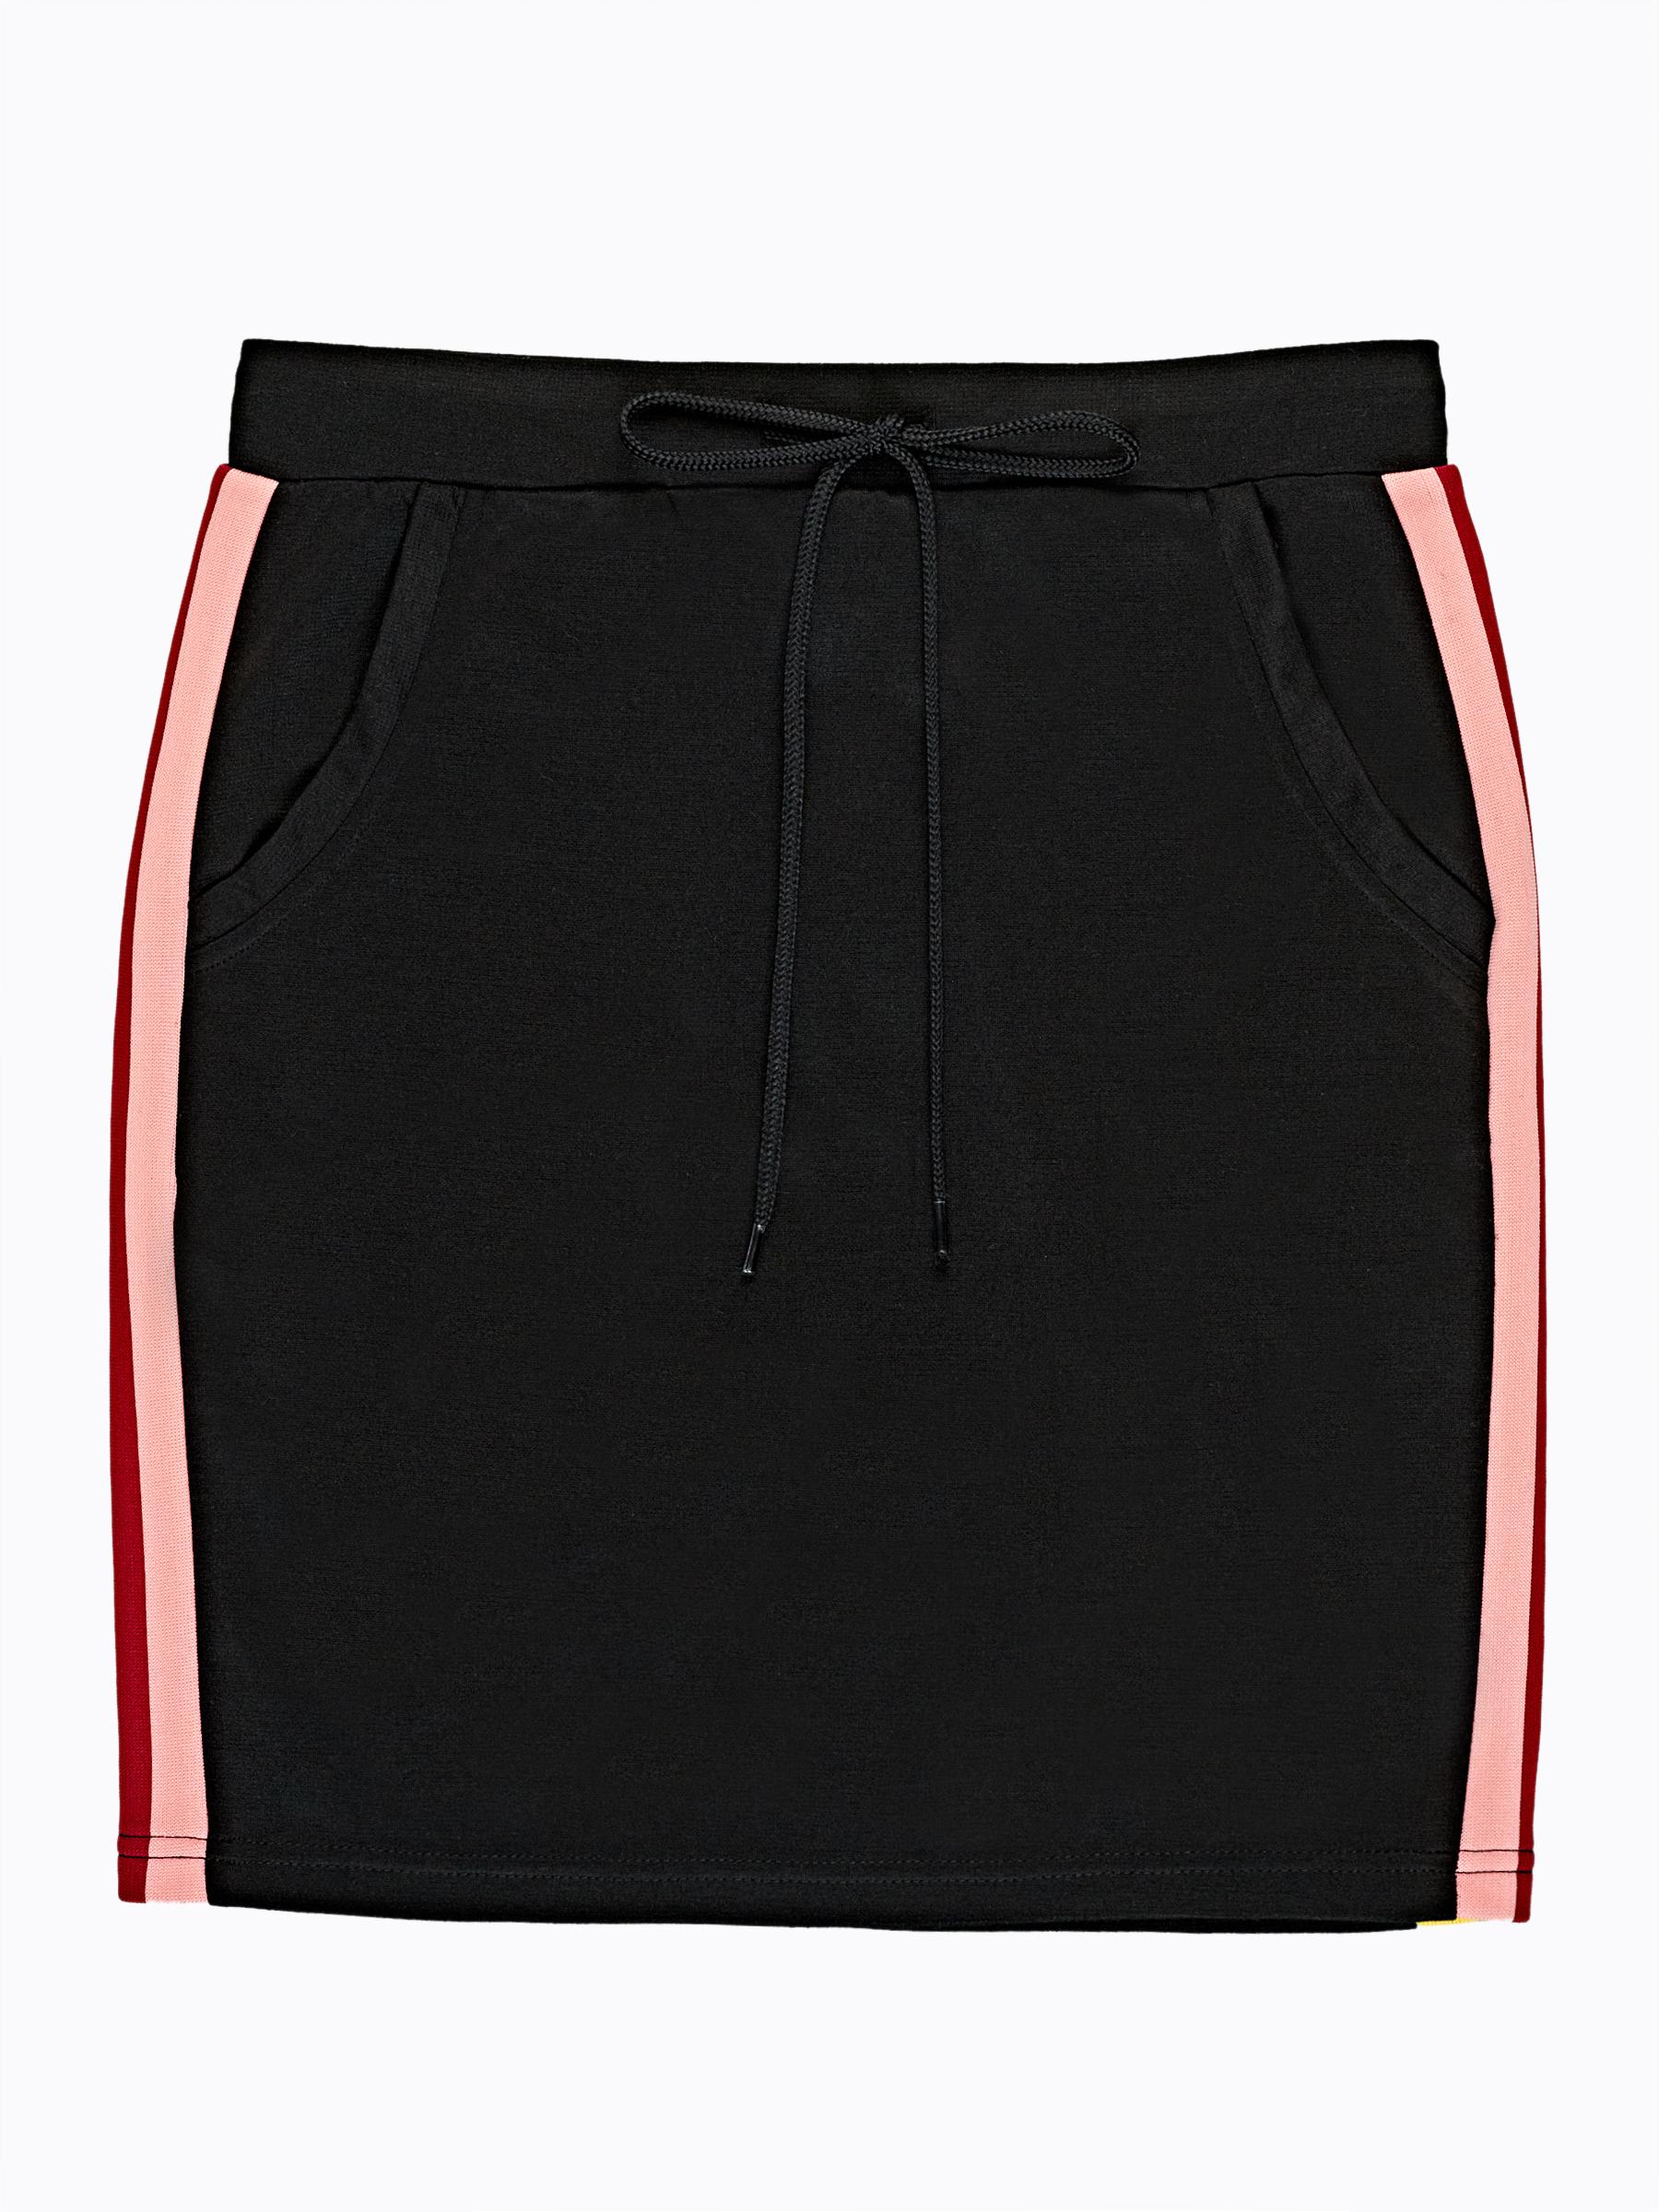 GATE Puzdrová sukňa s bočným prúžkom